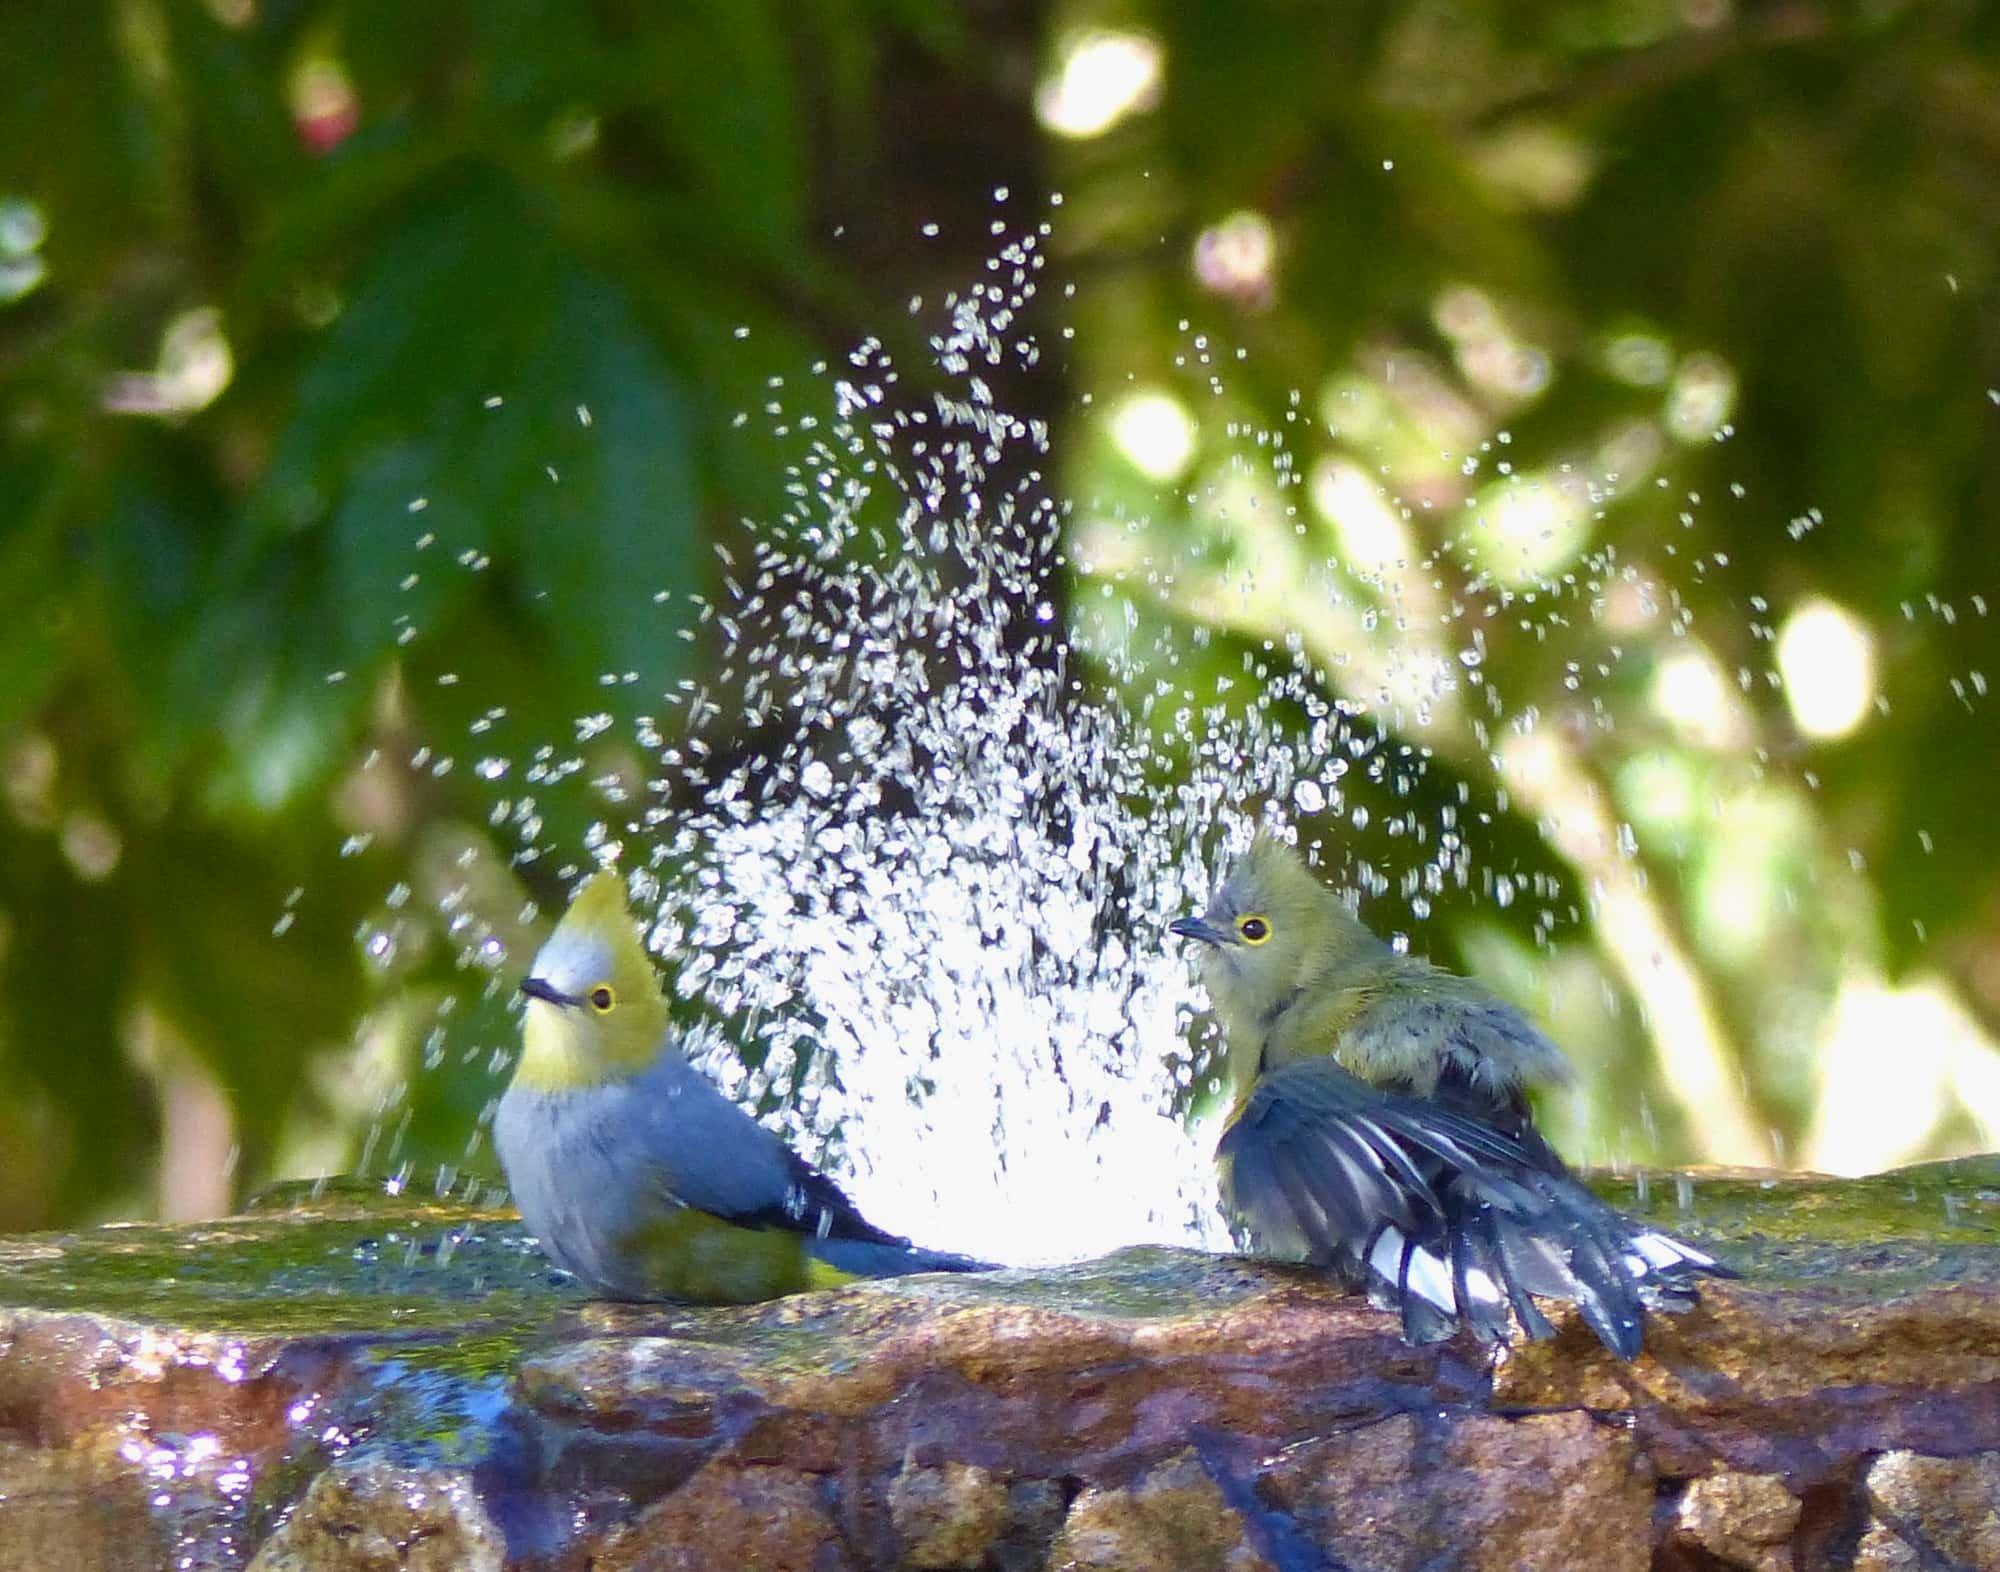 Joke vogels 07 P1070386.jpg